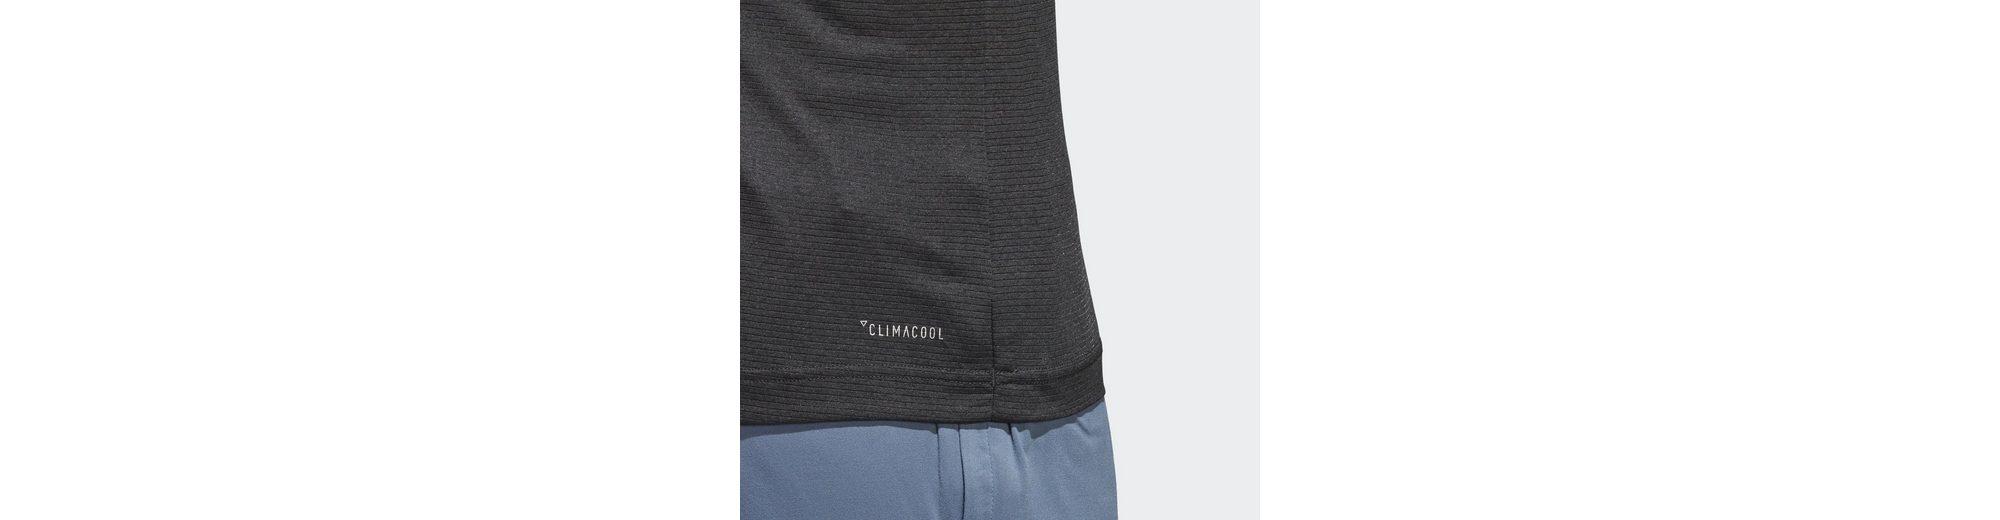 adidas Performance T-Shirt FreeLift Climacool TShirt Verkauf Der Billigsten Wählen Sie Eine Beste Günstig Online Rabatt 100% Authentische i9E0scbhvl